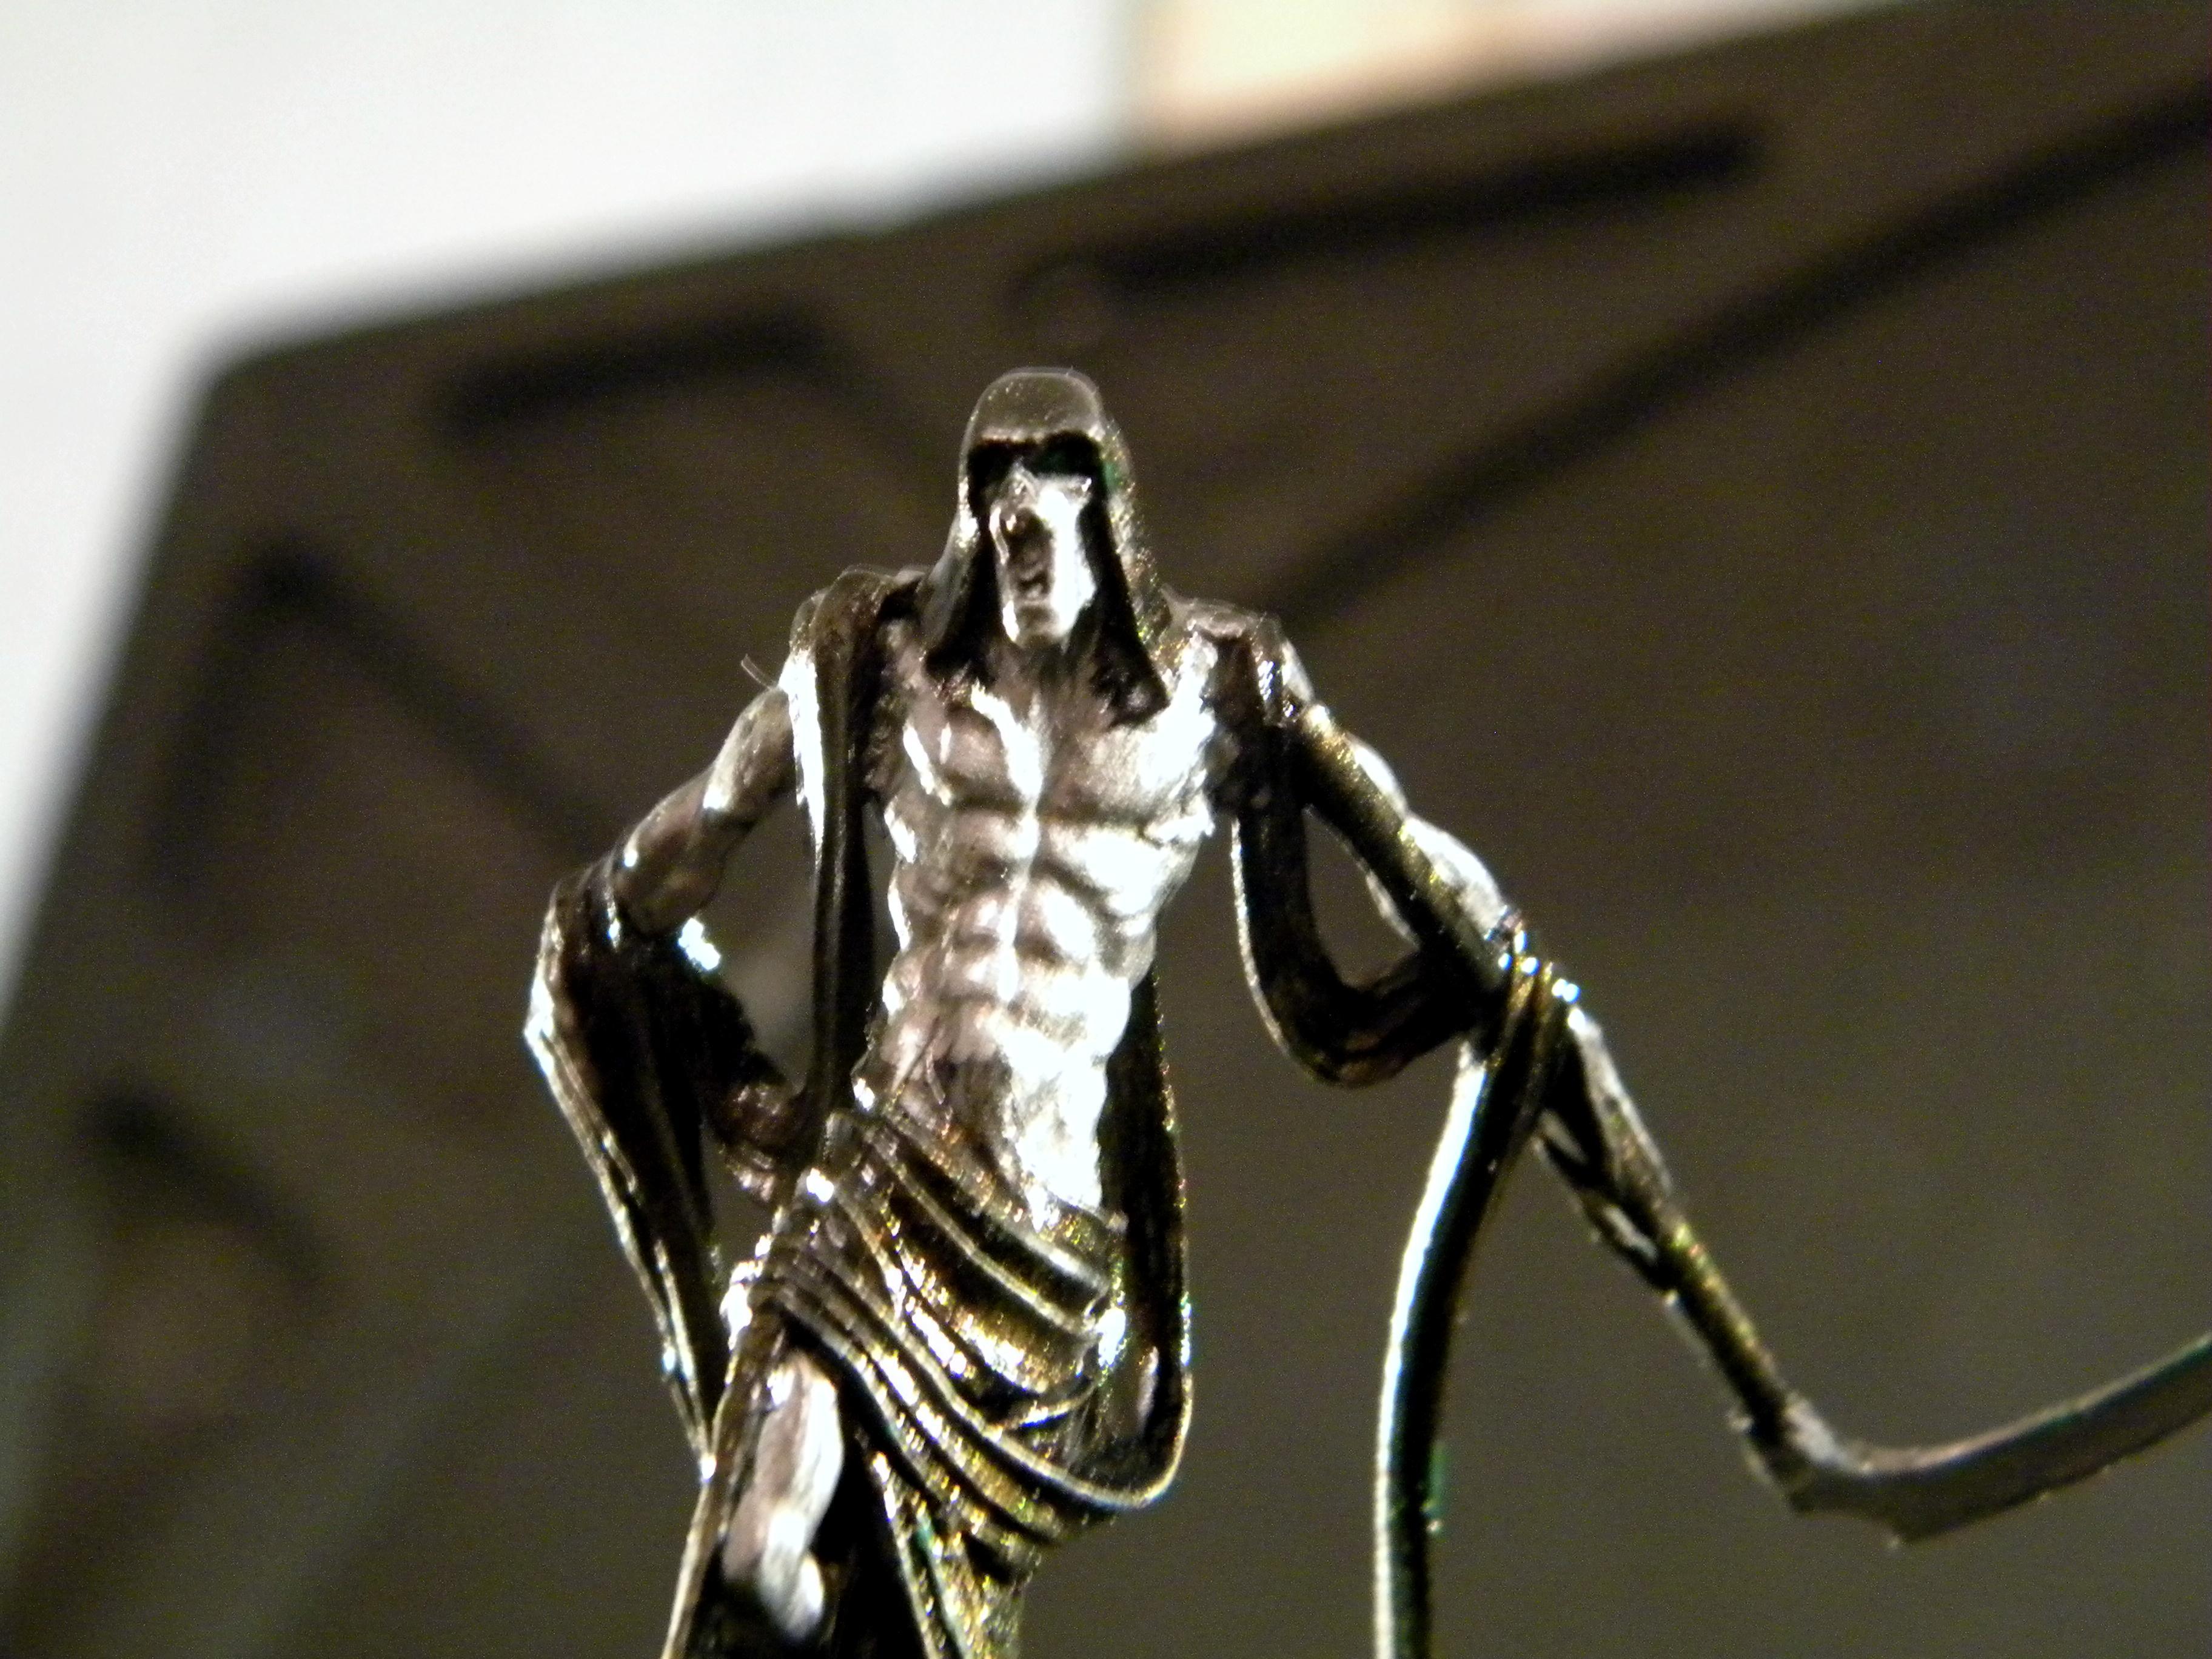 C'tan, Metal Minis, Necrons, Nightbringer